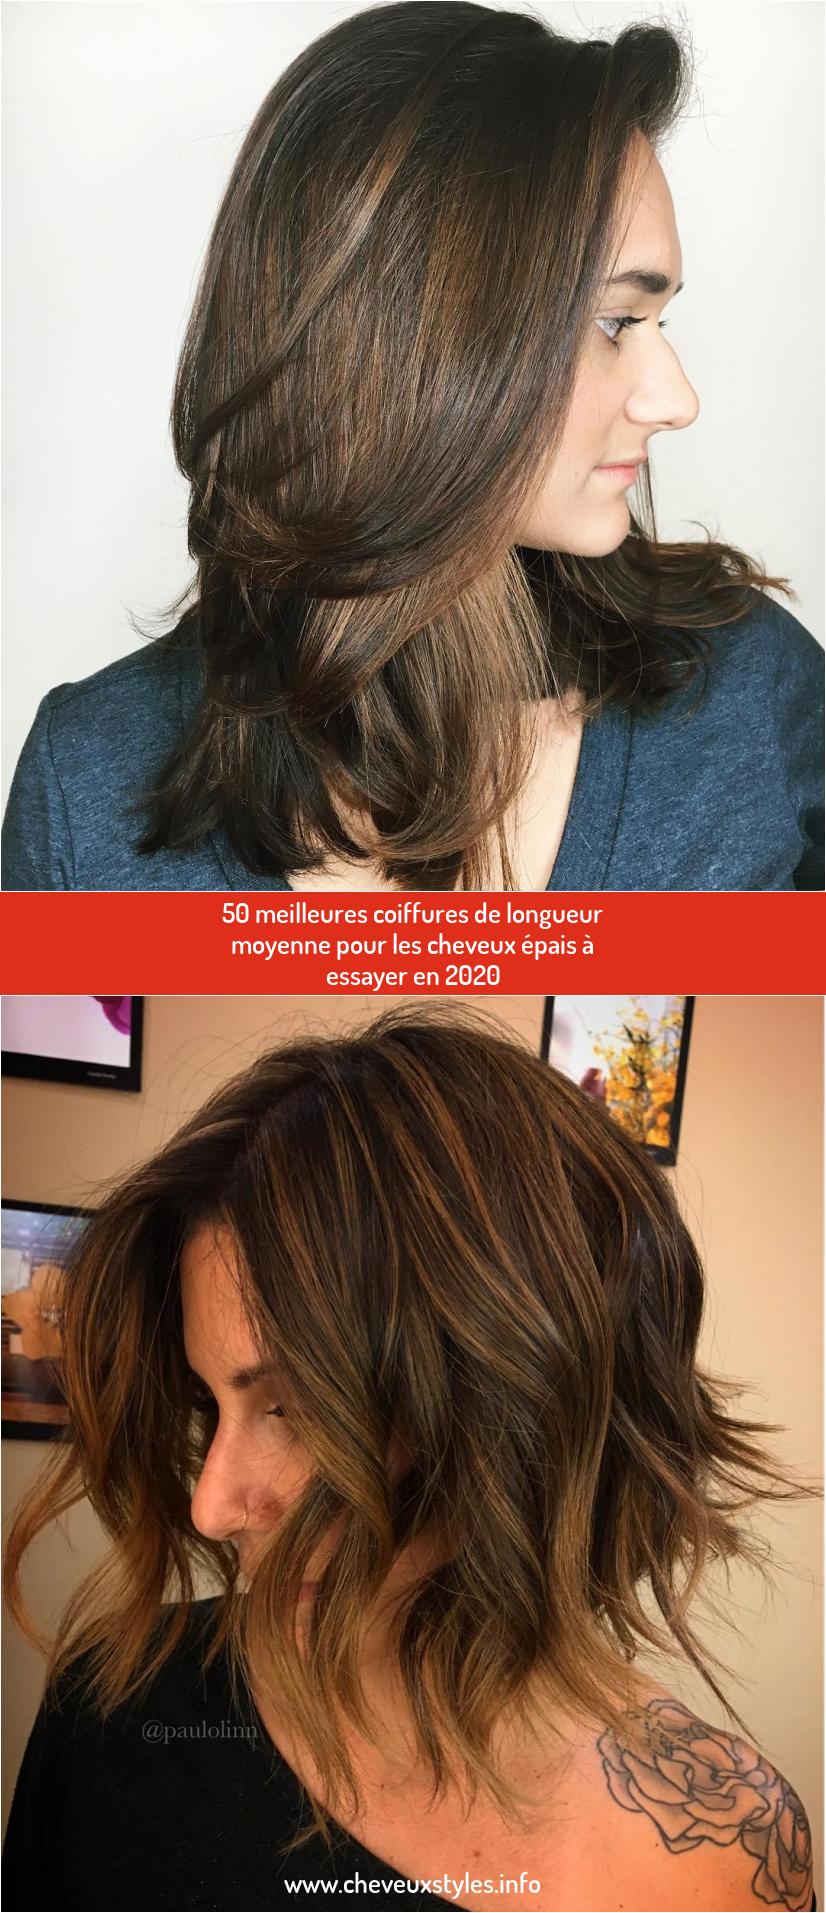 50 Meilleures Coiffures De Longueur Moyenne Pour Les Cheveux Epais A Essayer En 2020